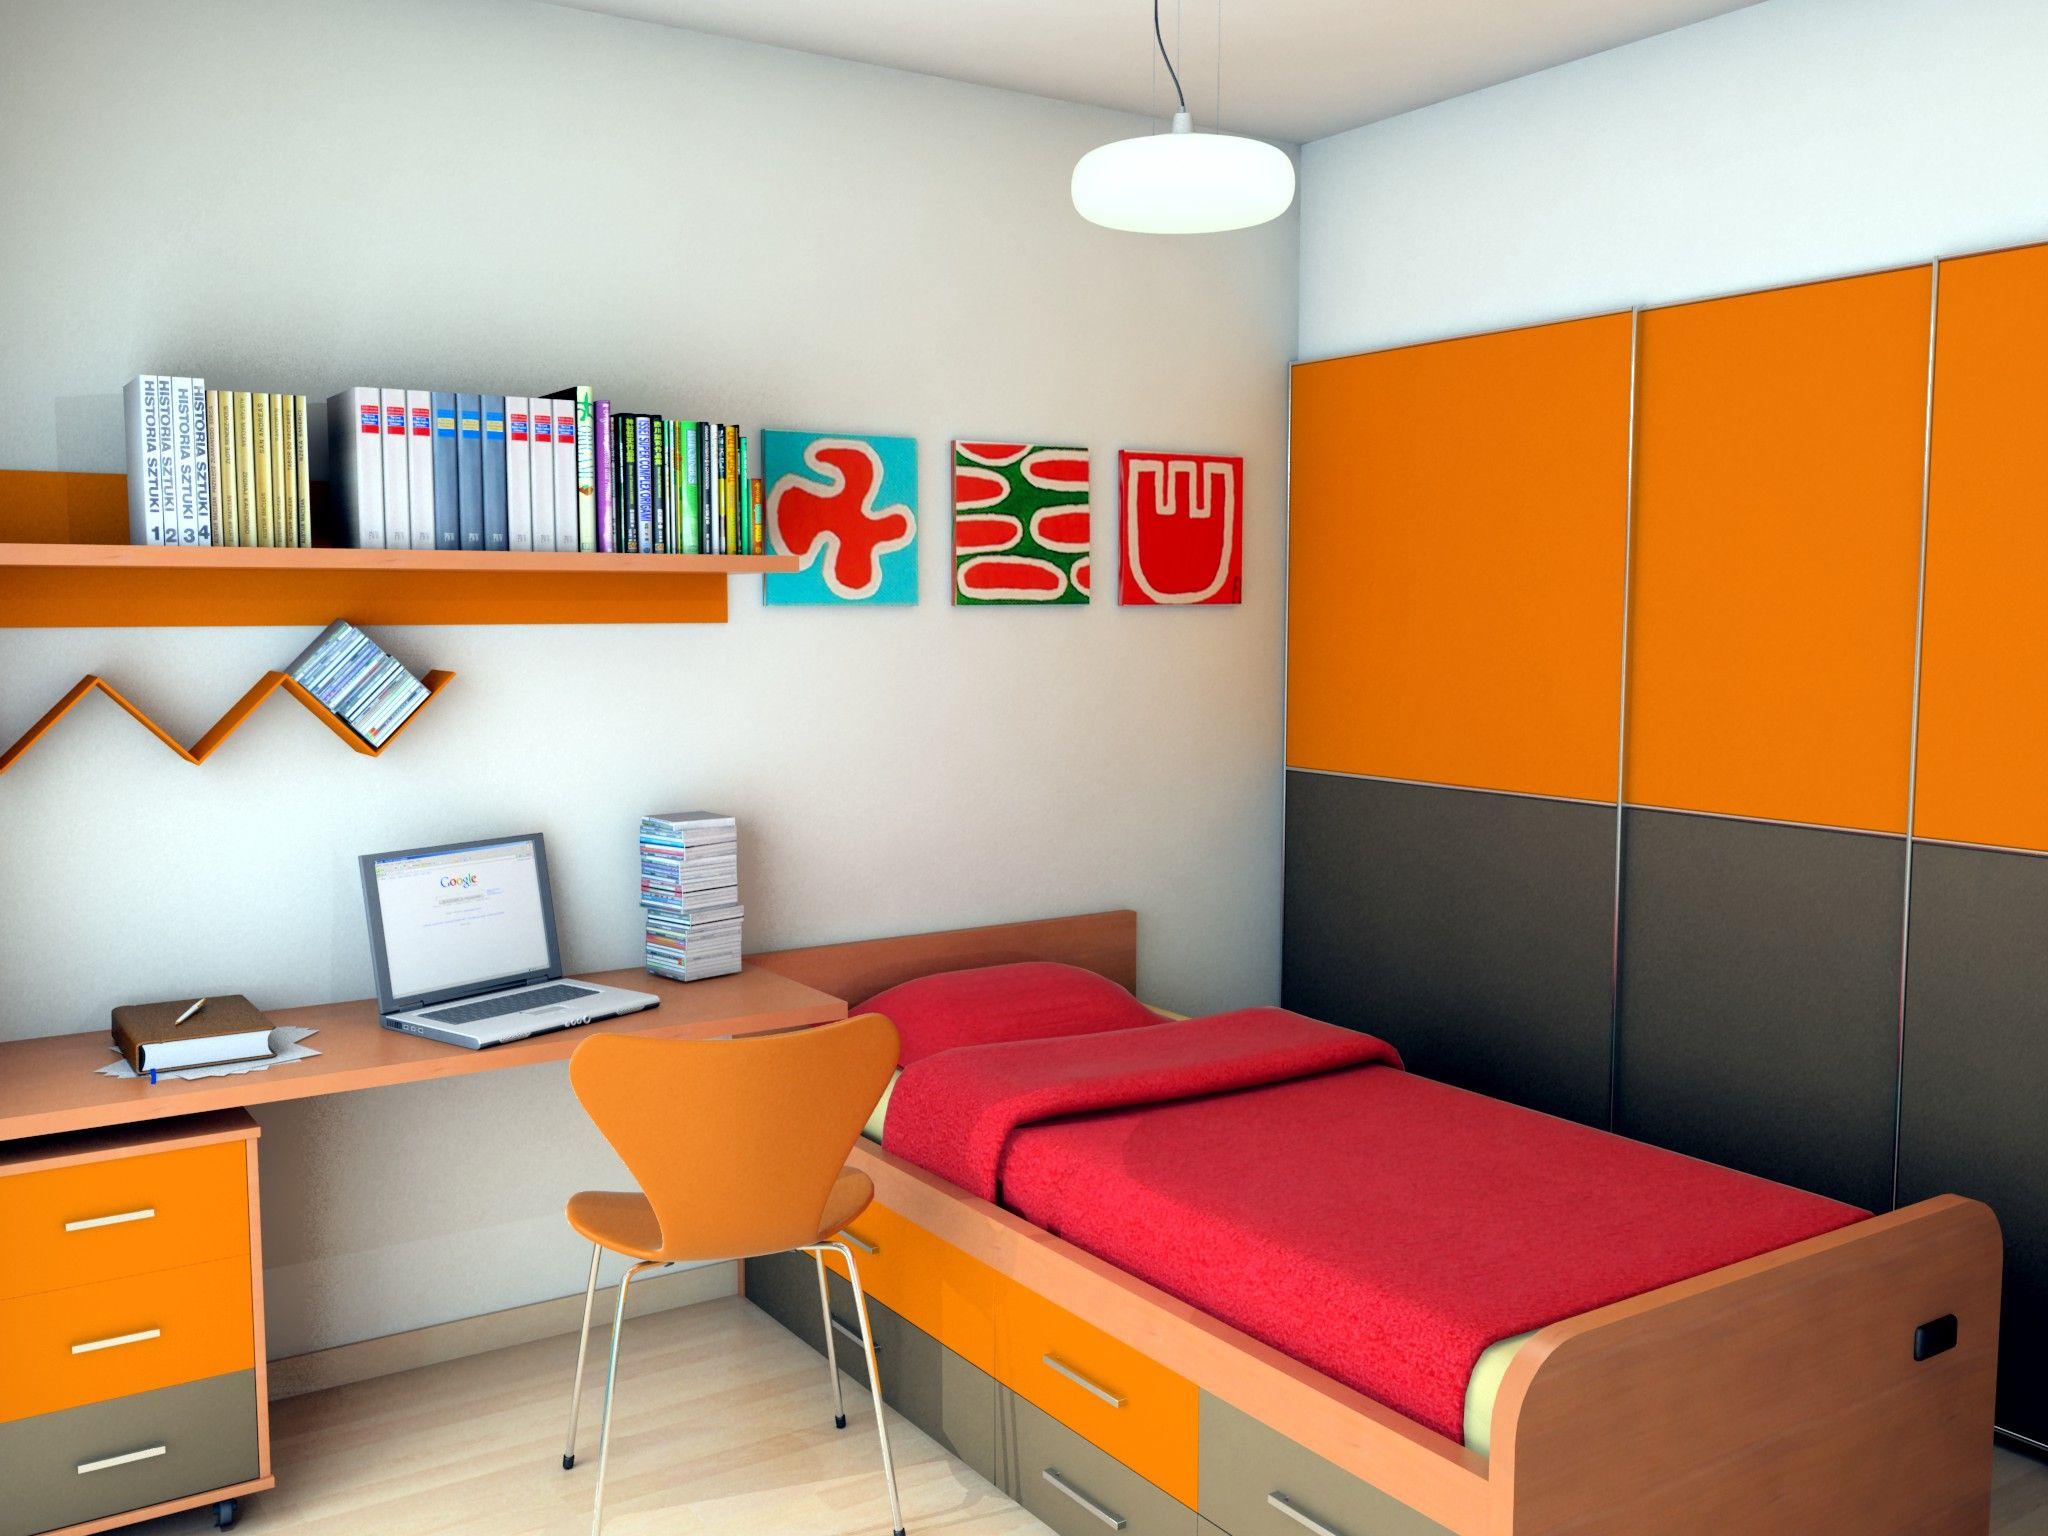 los colores de las paredes de una habitacin nos van a transmitir emociones sensaciones y